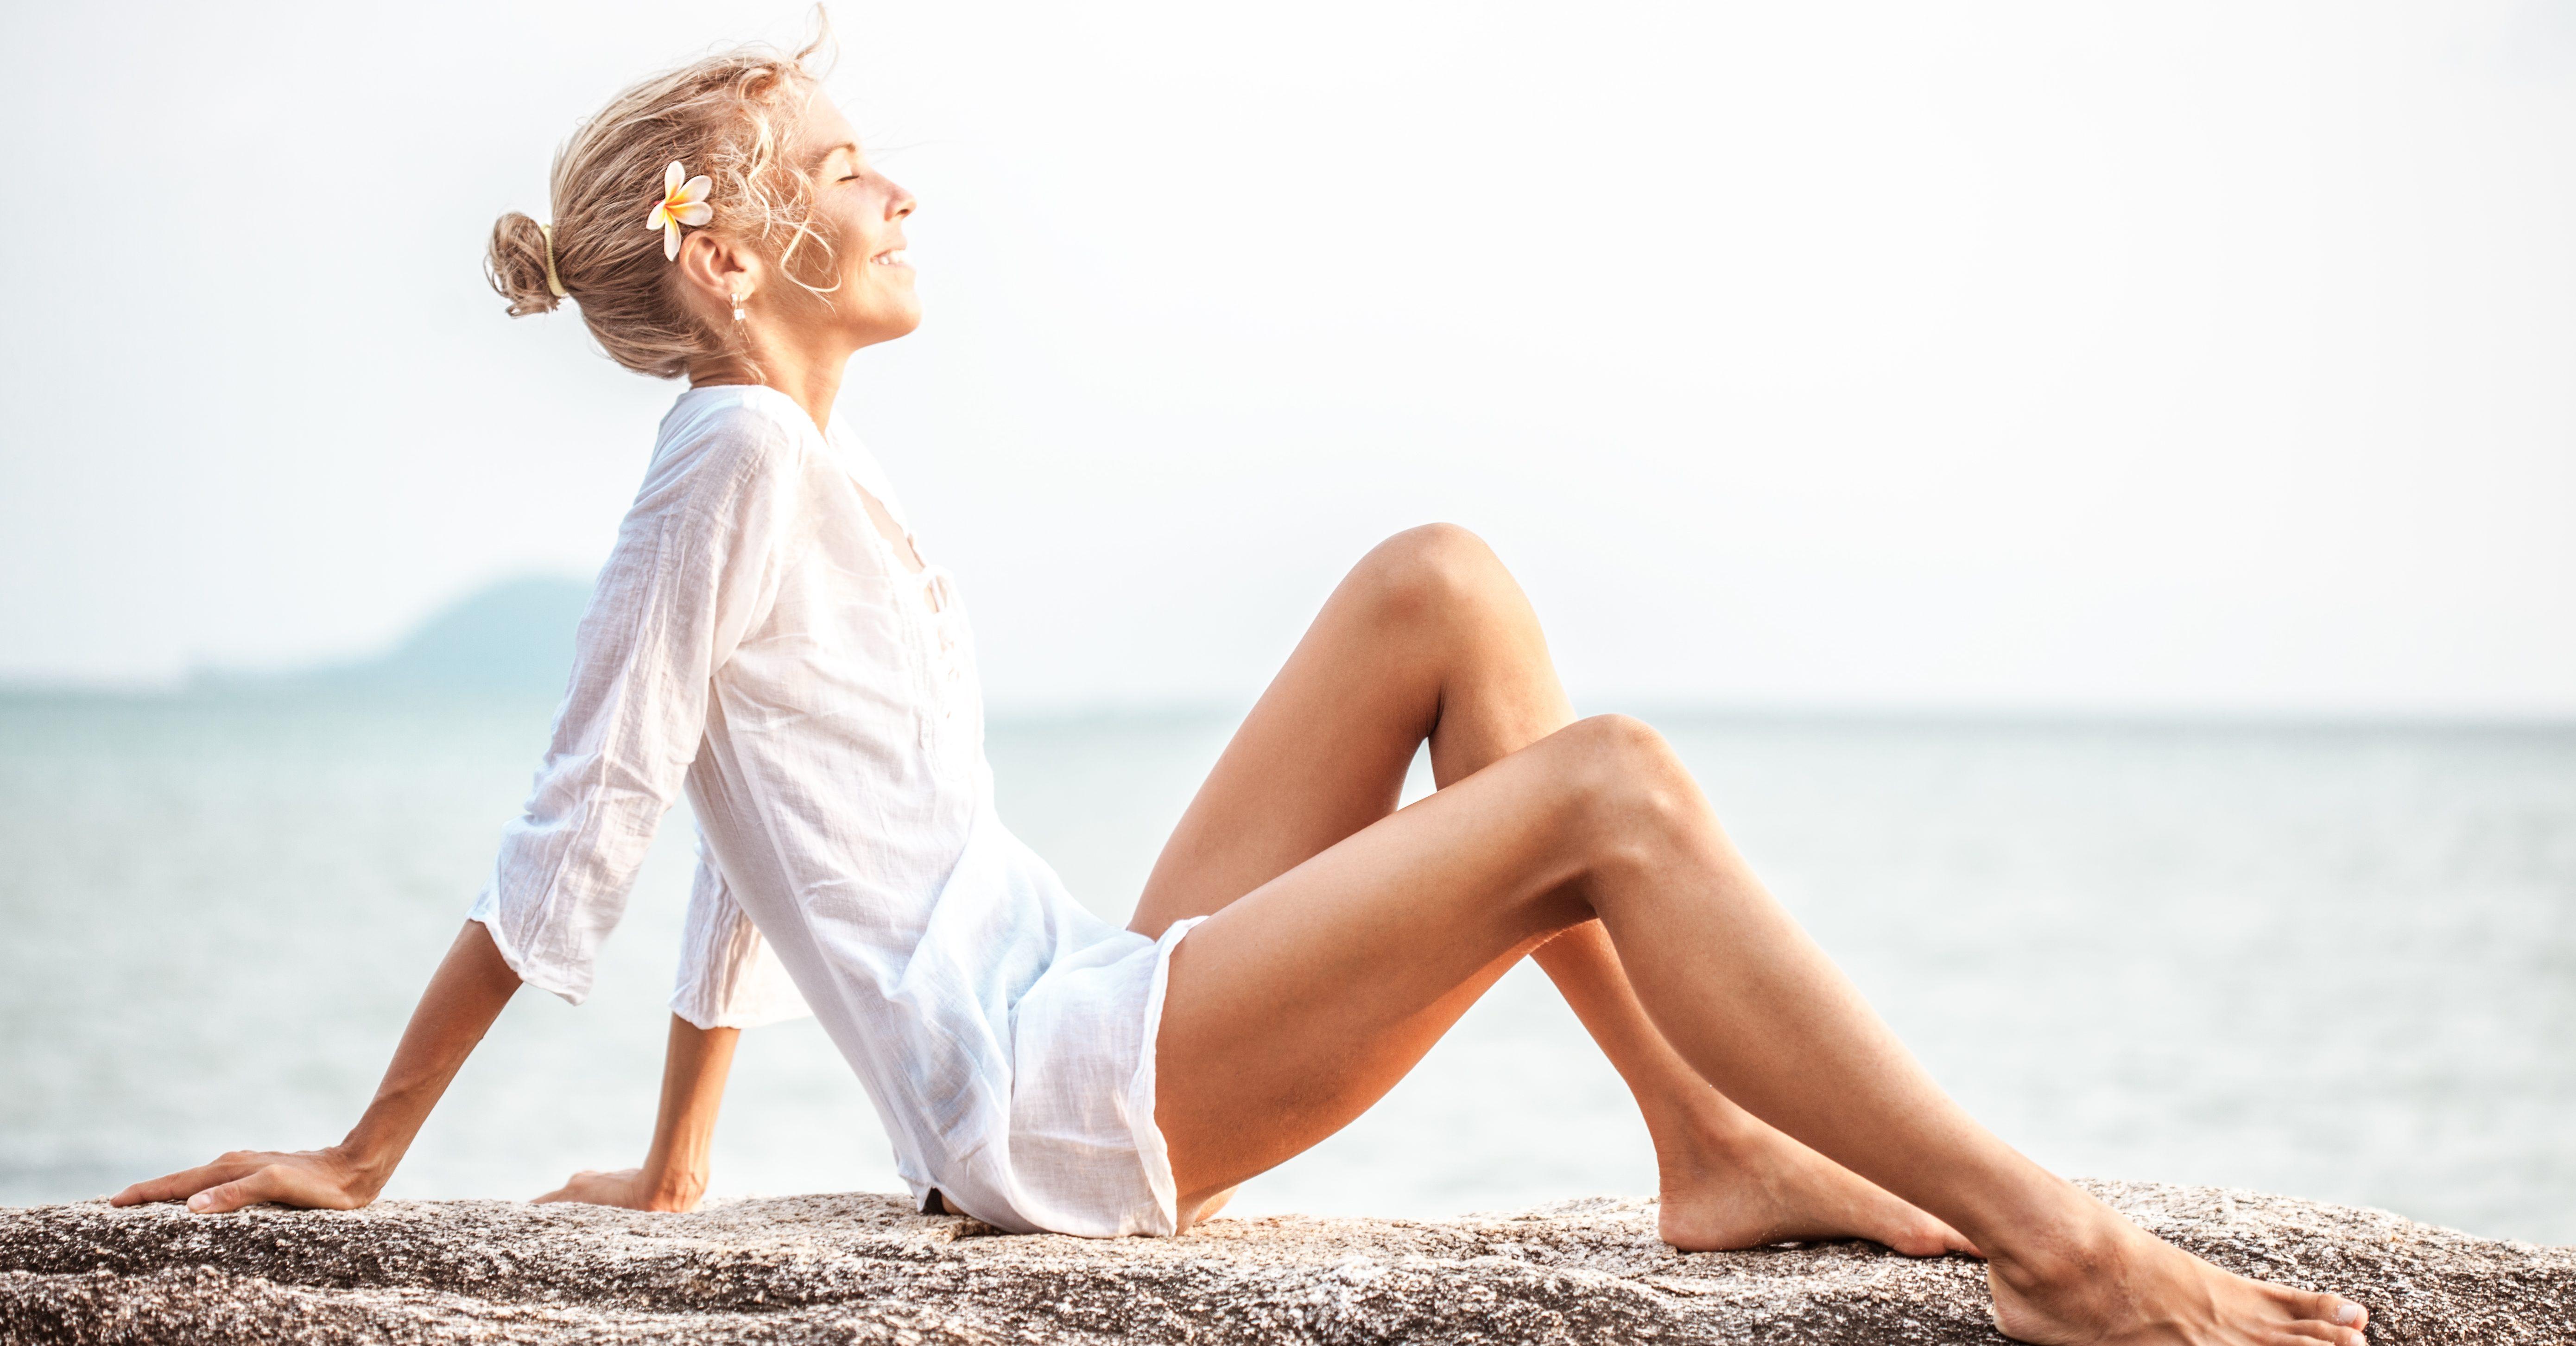 Όλα όσα πρέπει να προσέχει κάθε γυναίκα όταν πάει στη θάλασσα είναι εδώ Το καλοκαίρι το έχουμε συνδέσει με την ανεμελιά και τις ατελείωτες ώρες στην παραλία. Η Μαιευτήρας-Γυναικολόγος Αντωνία Λαζαράκη μας δίνει πολύτιμες συμβουλές που πρέπει να ακολουθήσουμε αν θέλουμε να είμαστε πάντα προστατευμένες και να απολαμβάνουμε την θάλασσα στο έπακρο.